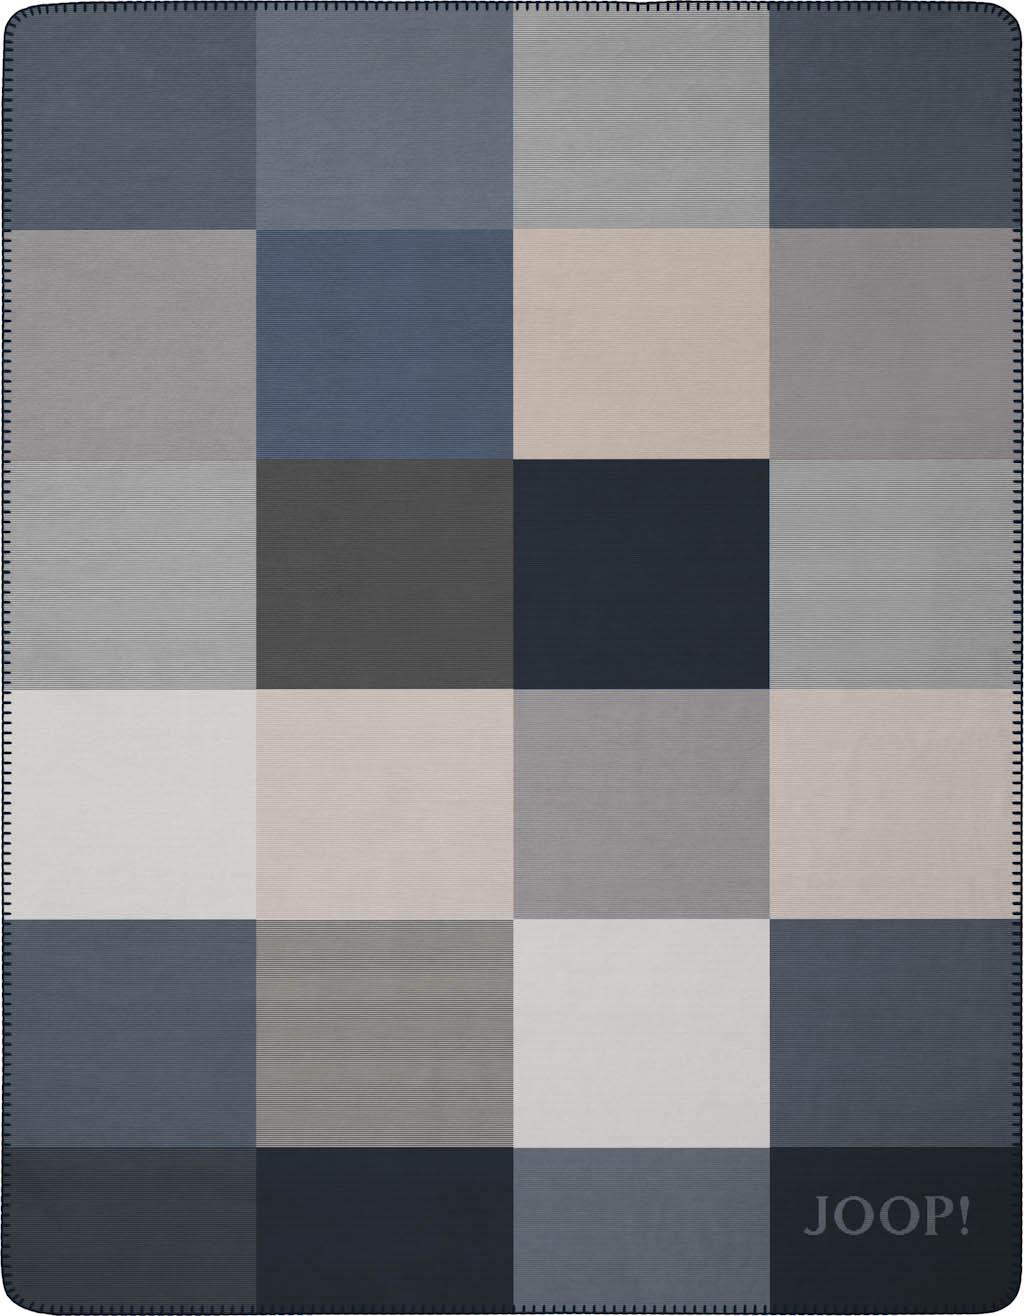 JOOP! Wohndecke Mosaic 751522 Marine-Stein 150x200 cm neue Kollektion